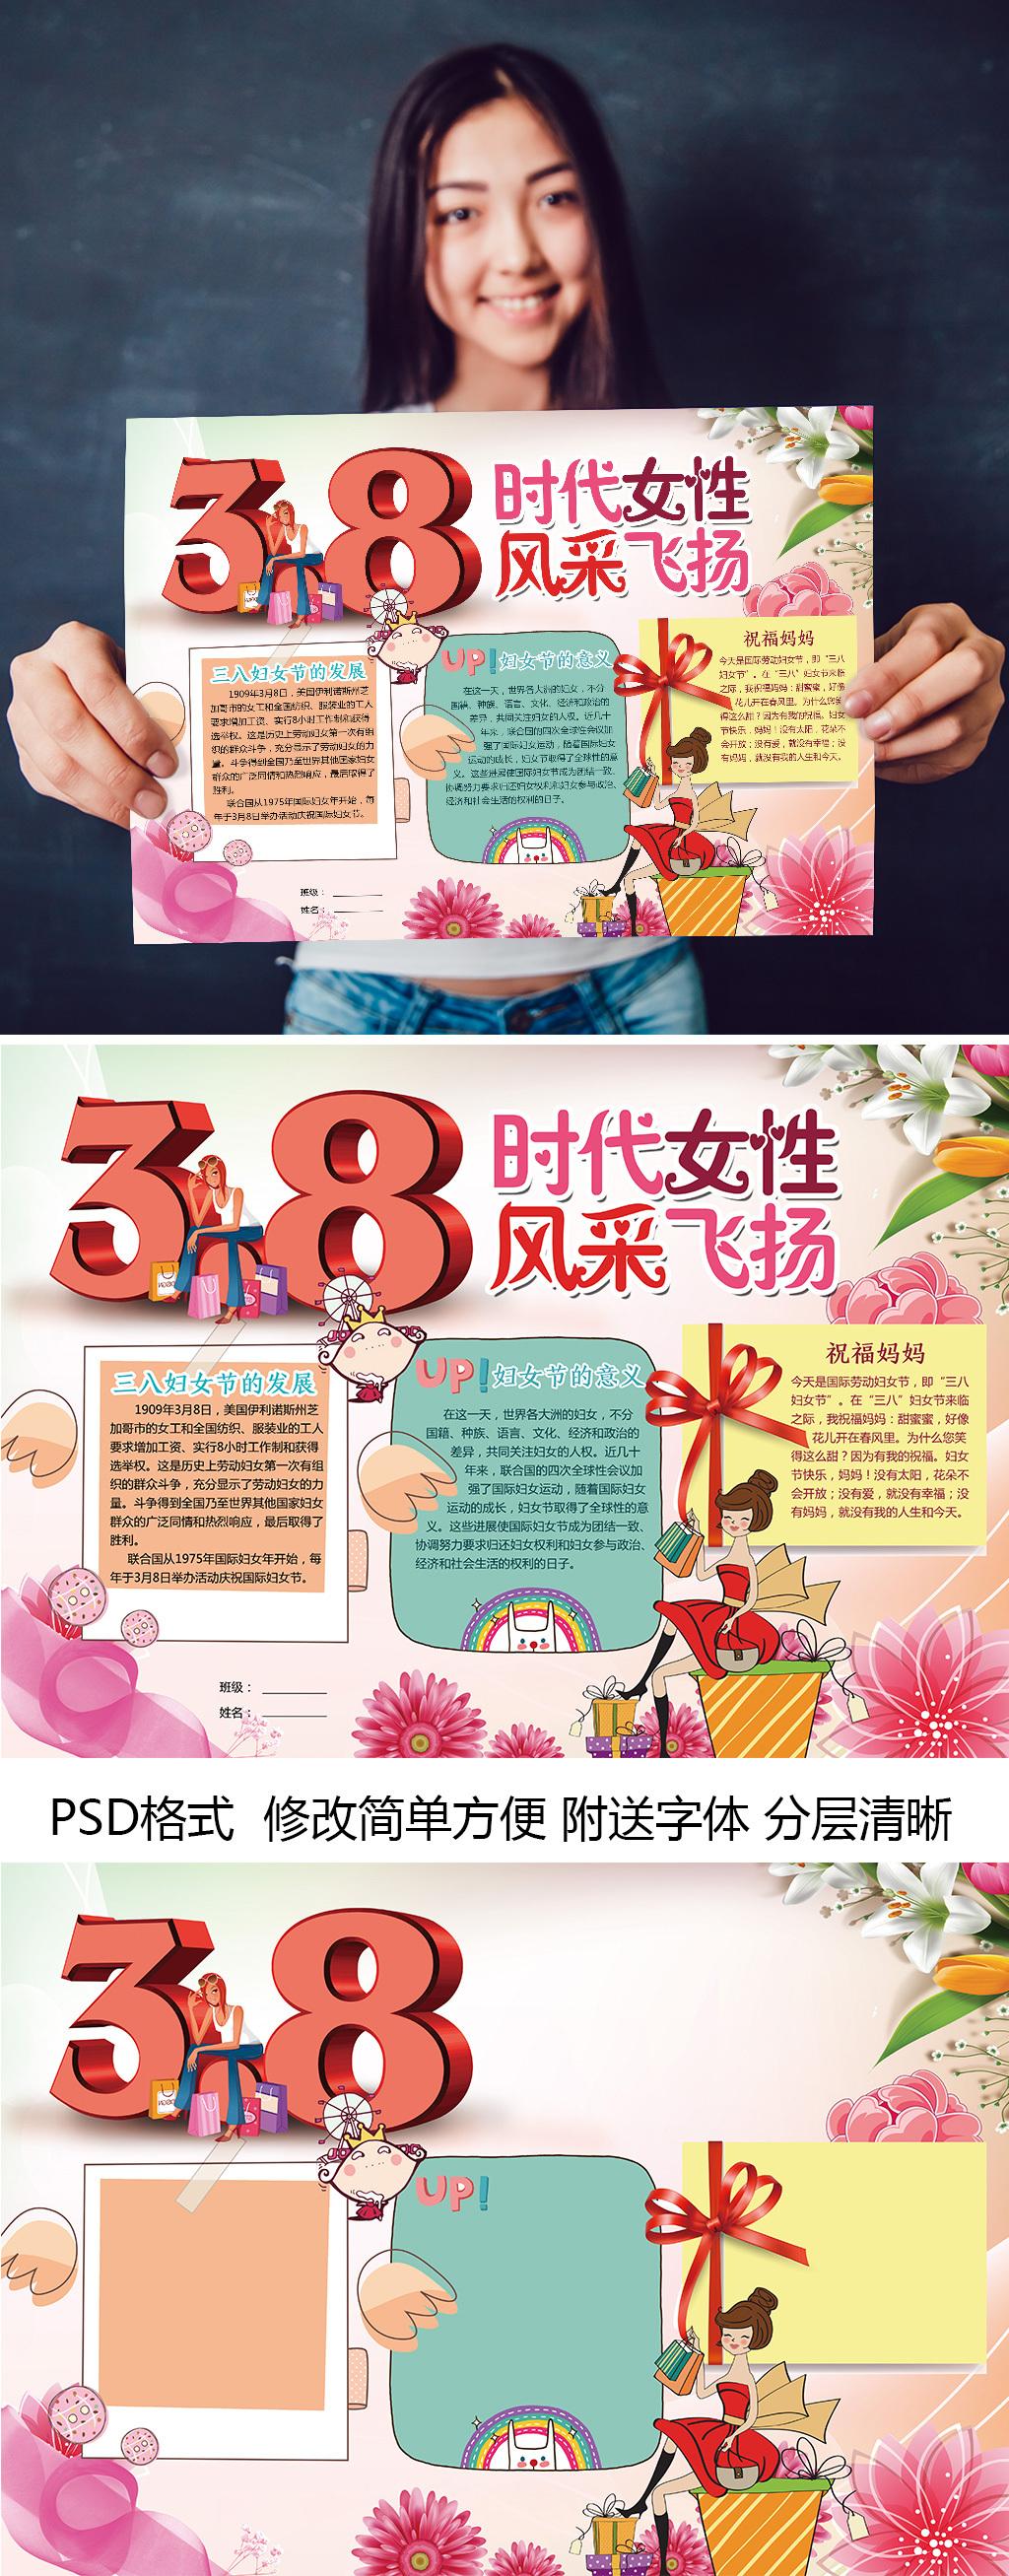 38妇女节手抄报女王节小报版面设计模板